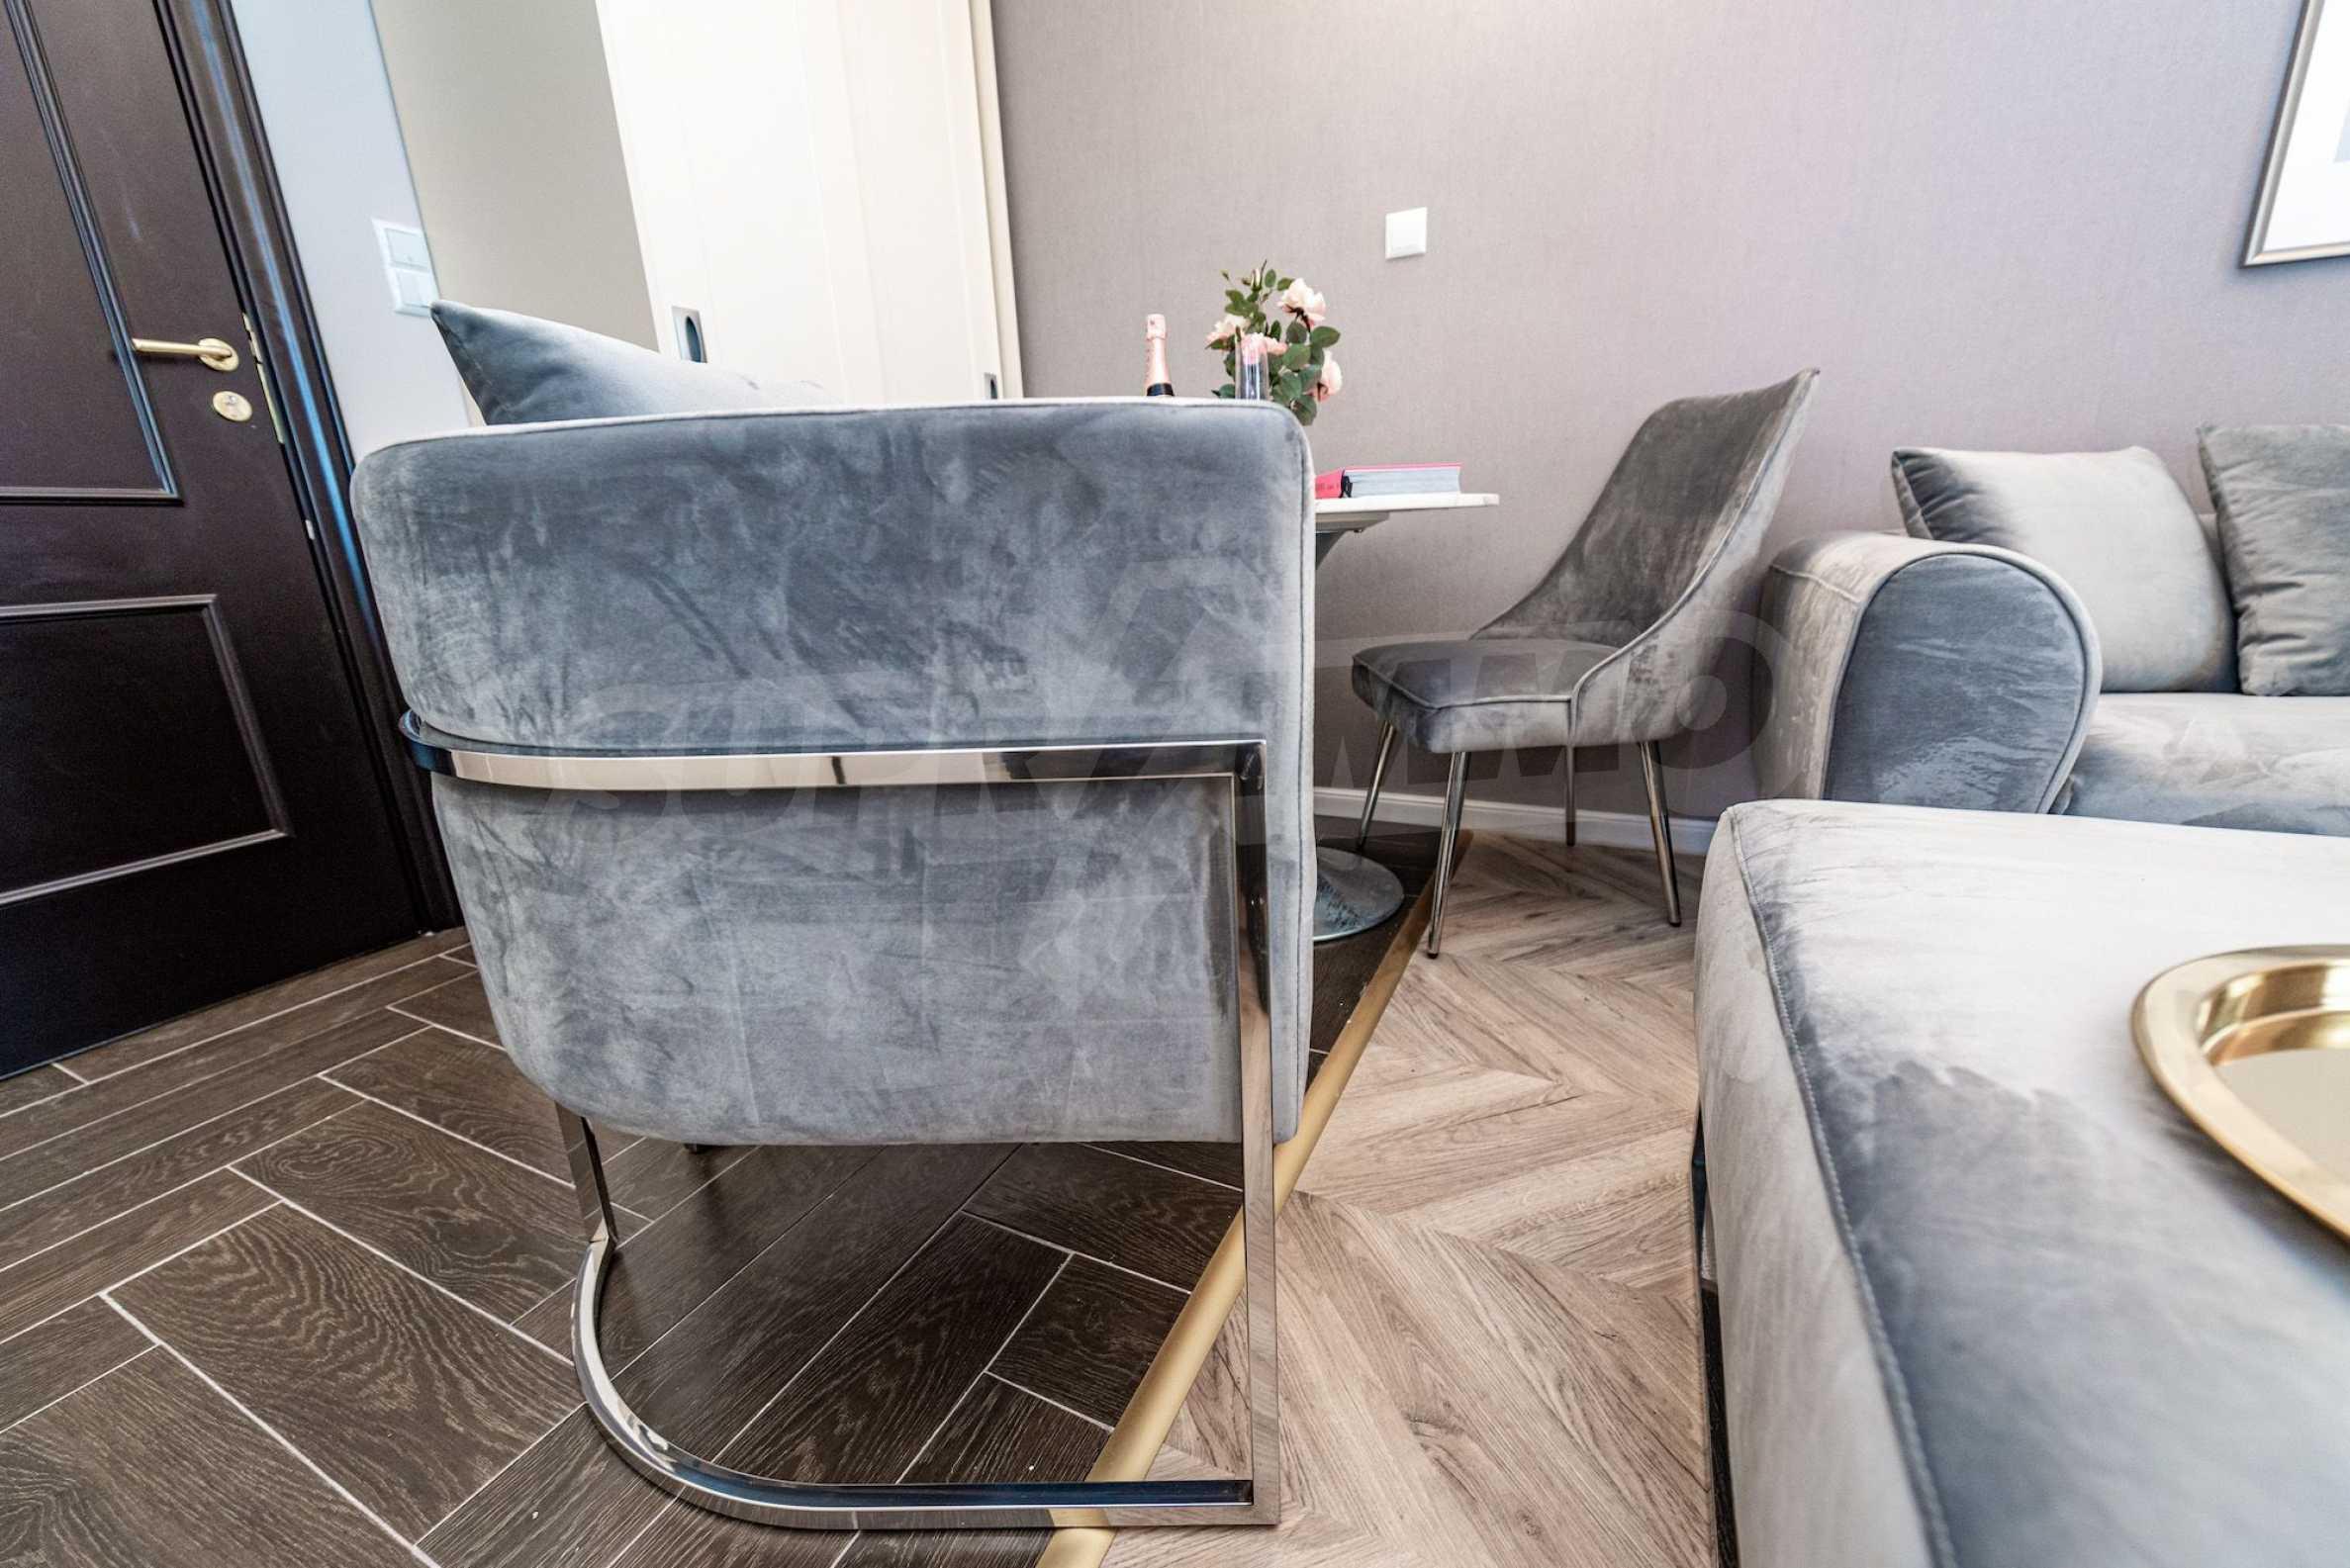 Erstklassige Apartments  zum TOP-Preis ab 890 €/m² im Komplex im Stil der französischen Renaissance (Akt 16) 23